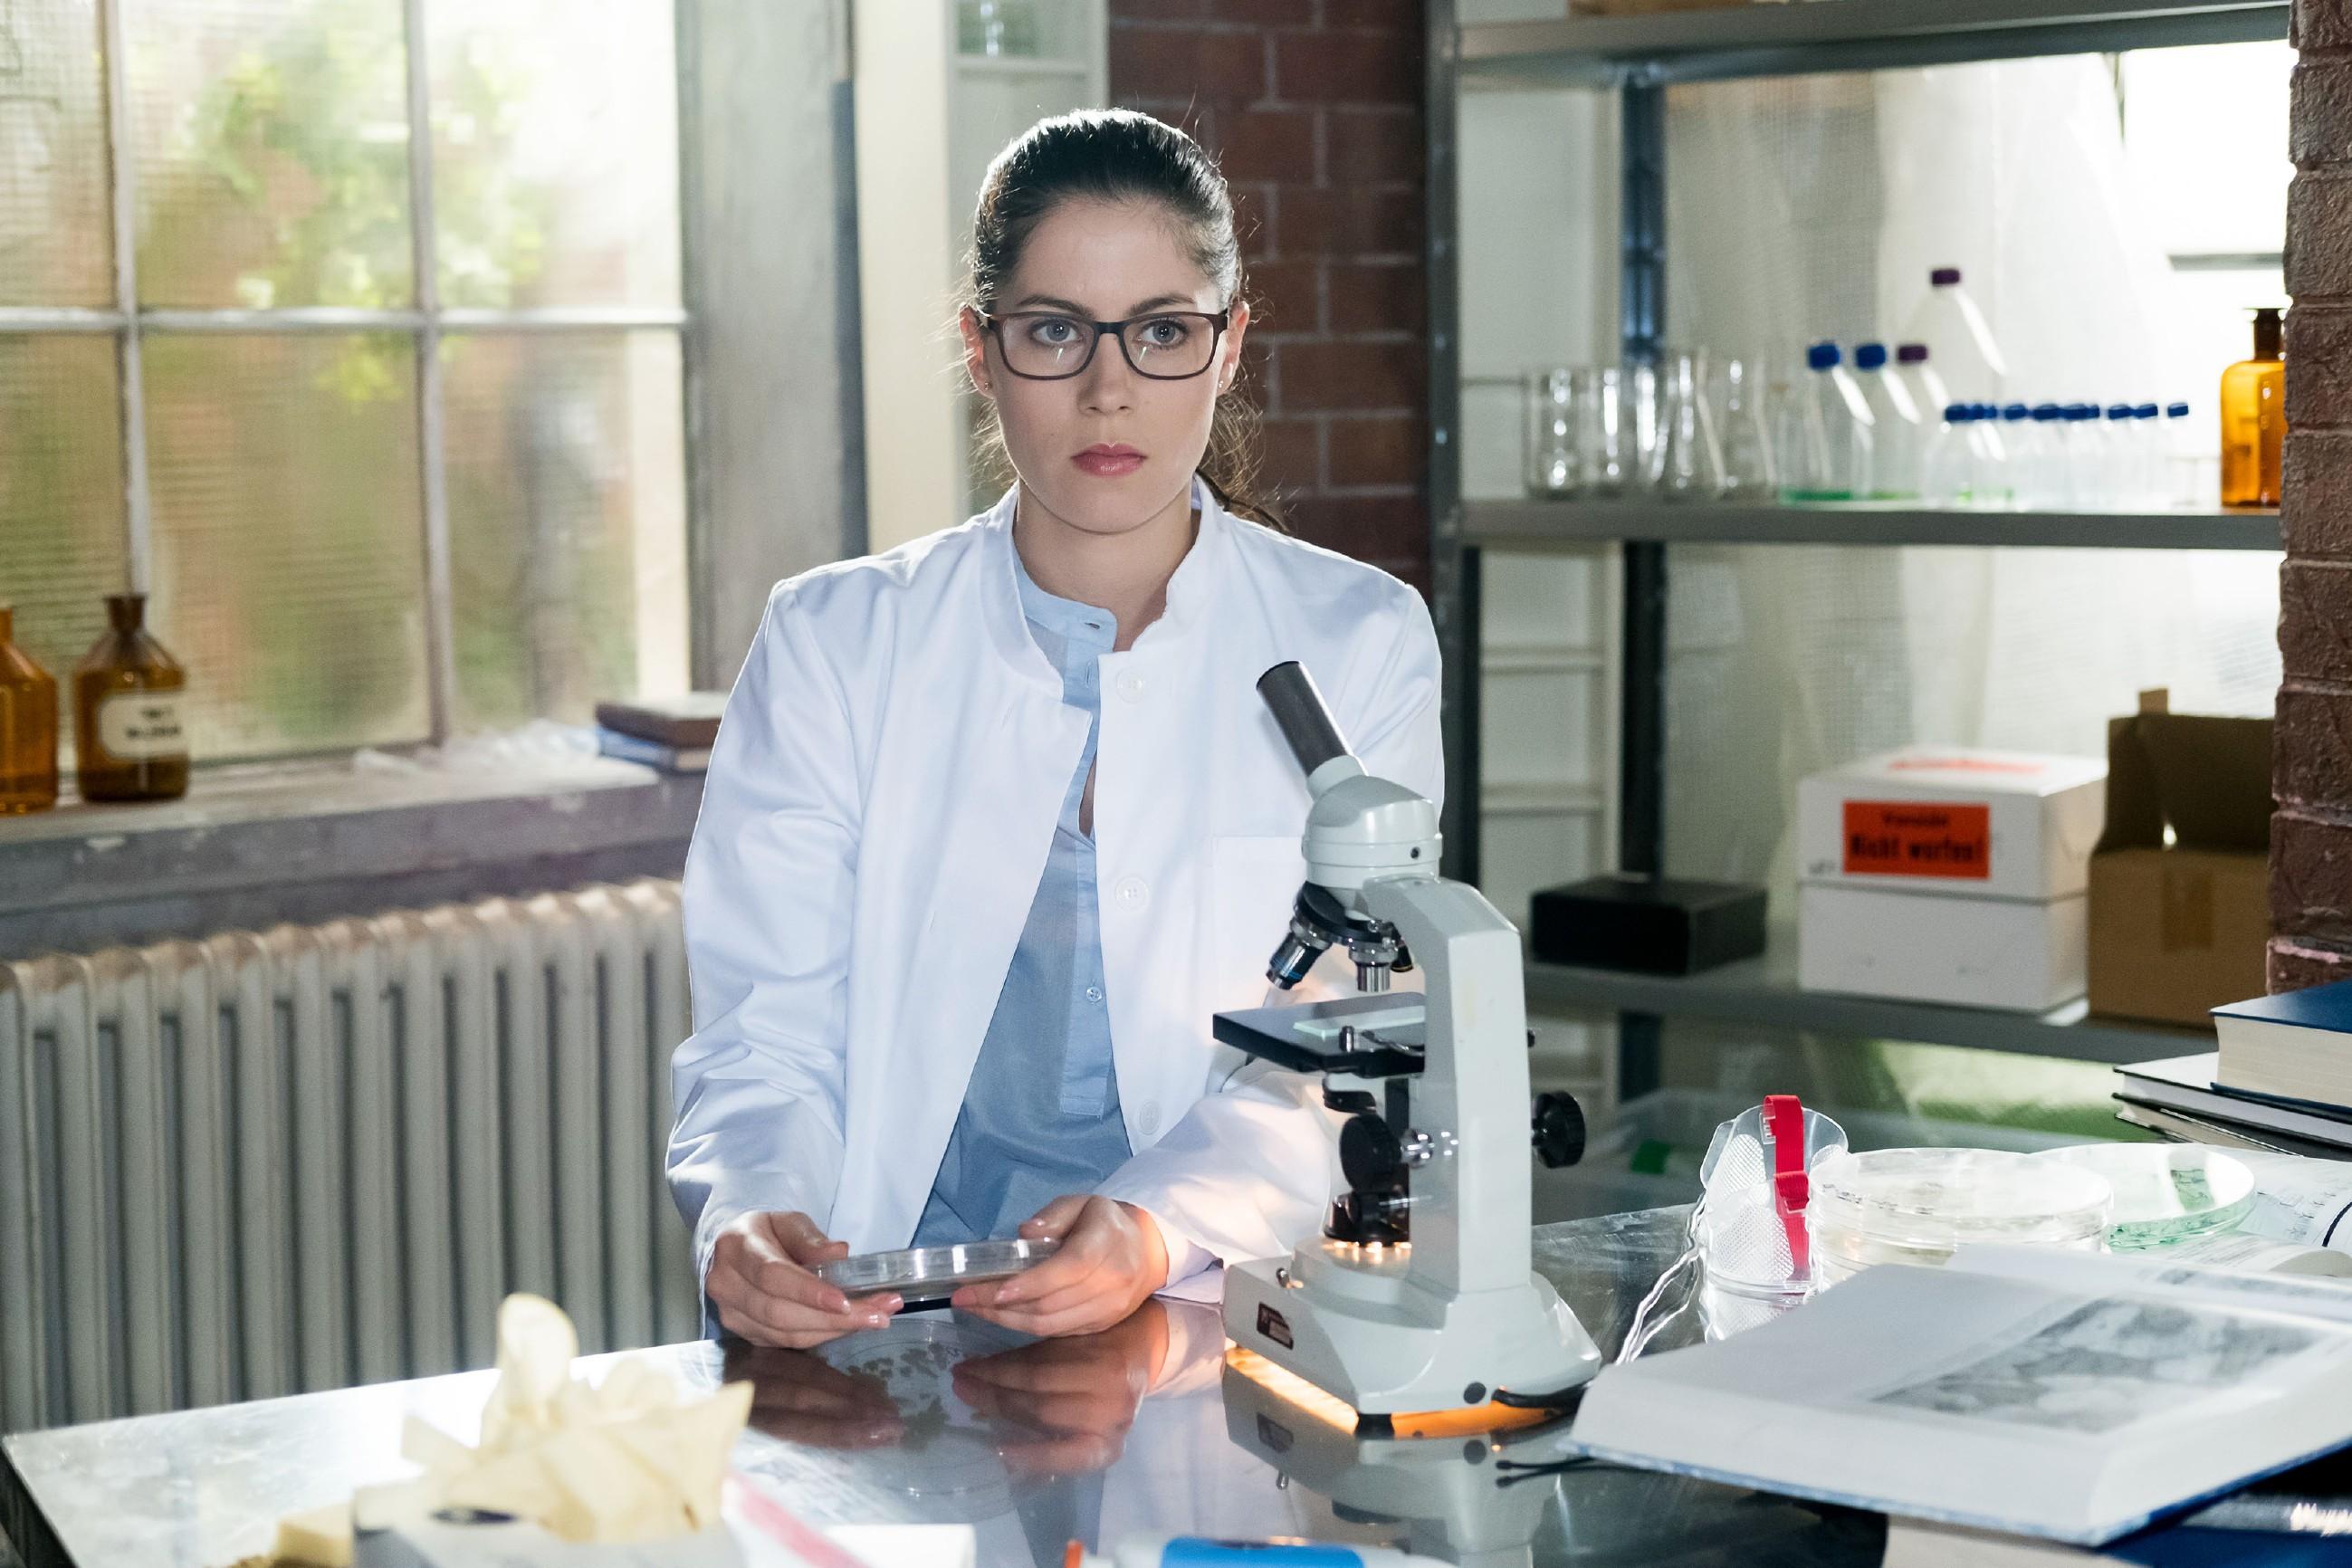 Sina (Valea Katharina Scalabrino) muss in Sachen Forschung einen herben Rückschlag einstecken und hadert damit, dass Lukas besser ist als sie. (Quelle: RTL / Stefan Behrens)